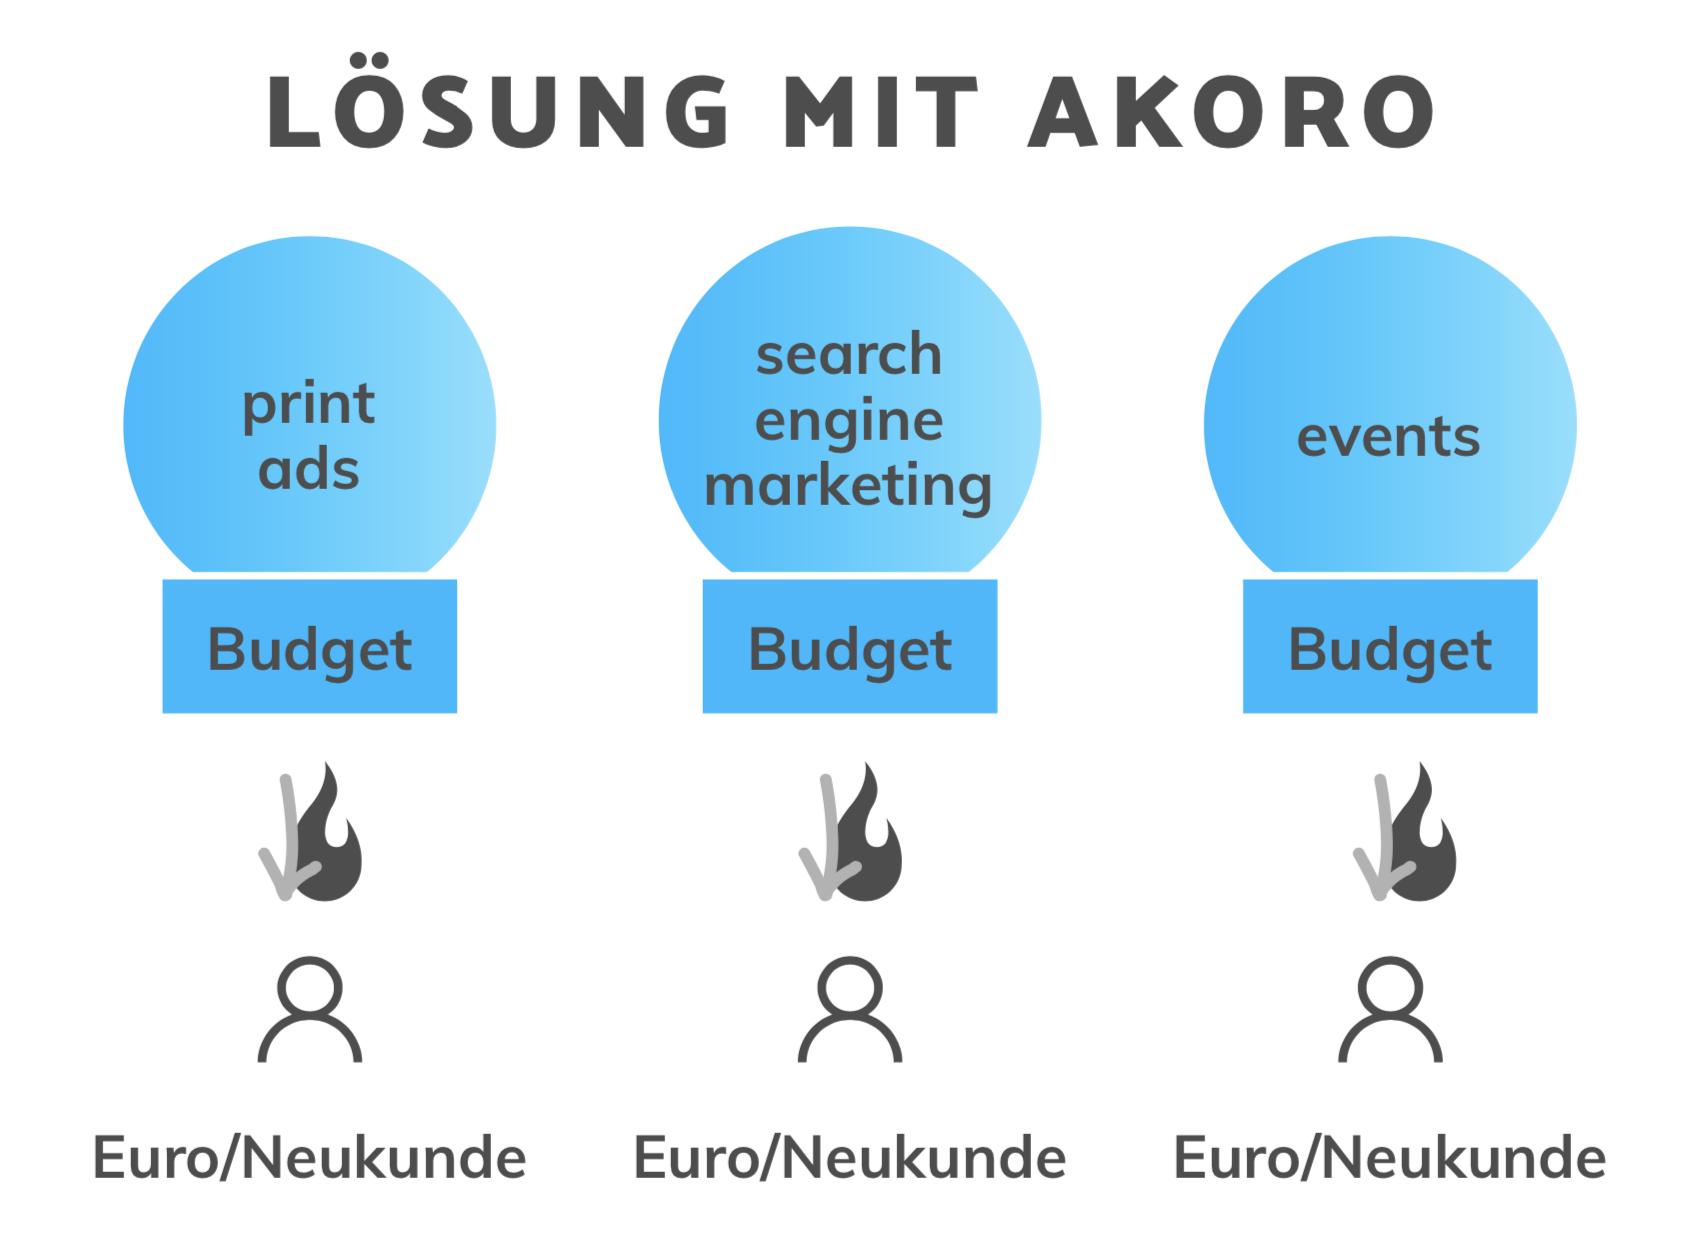 Lösung mit Akoro